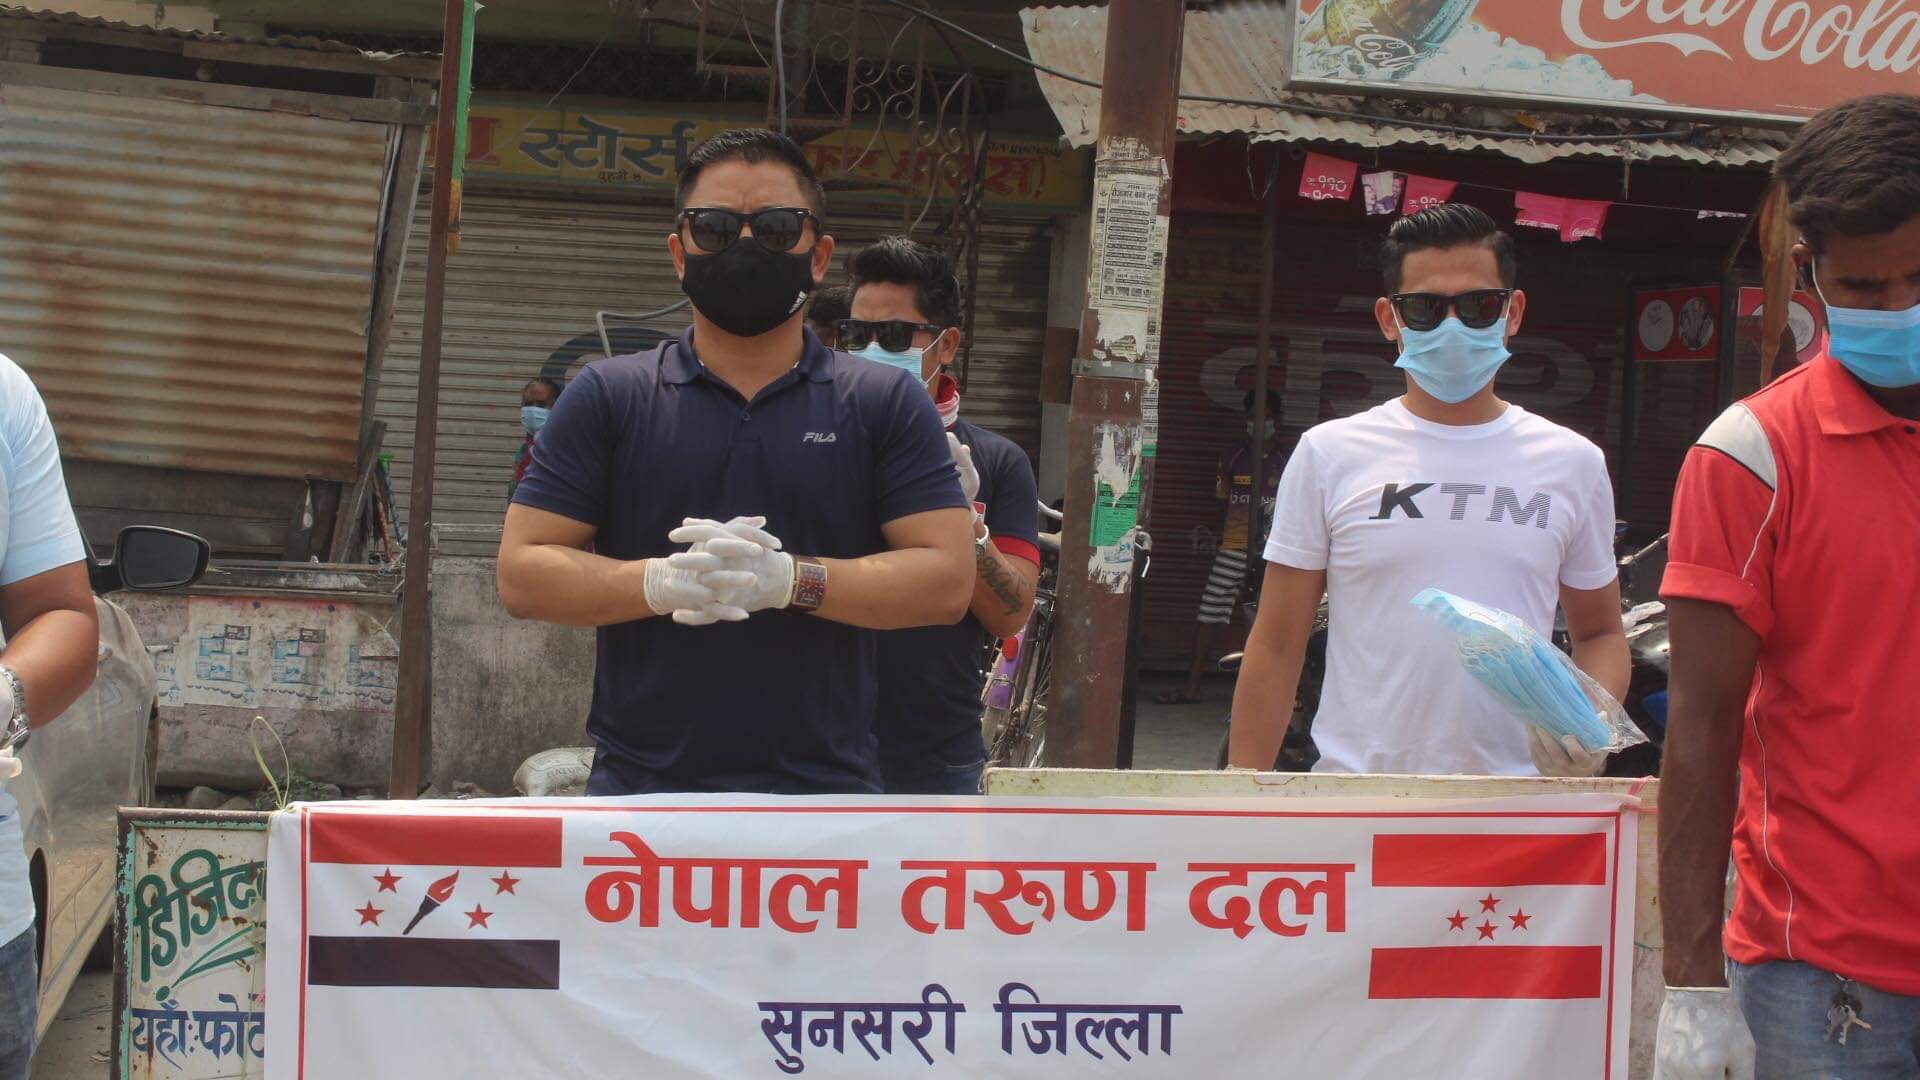 नेपाल तरुणदल सुनसरीद्वारा समस्यामा परेकाका लागि सहयोग अभियान सुरु